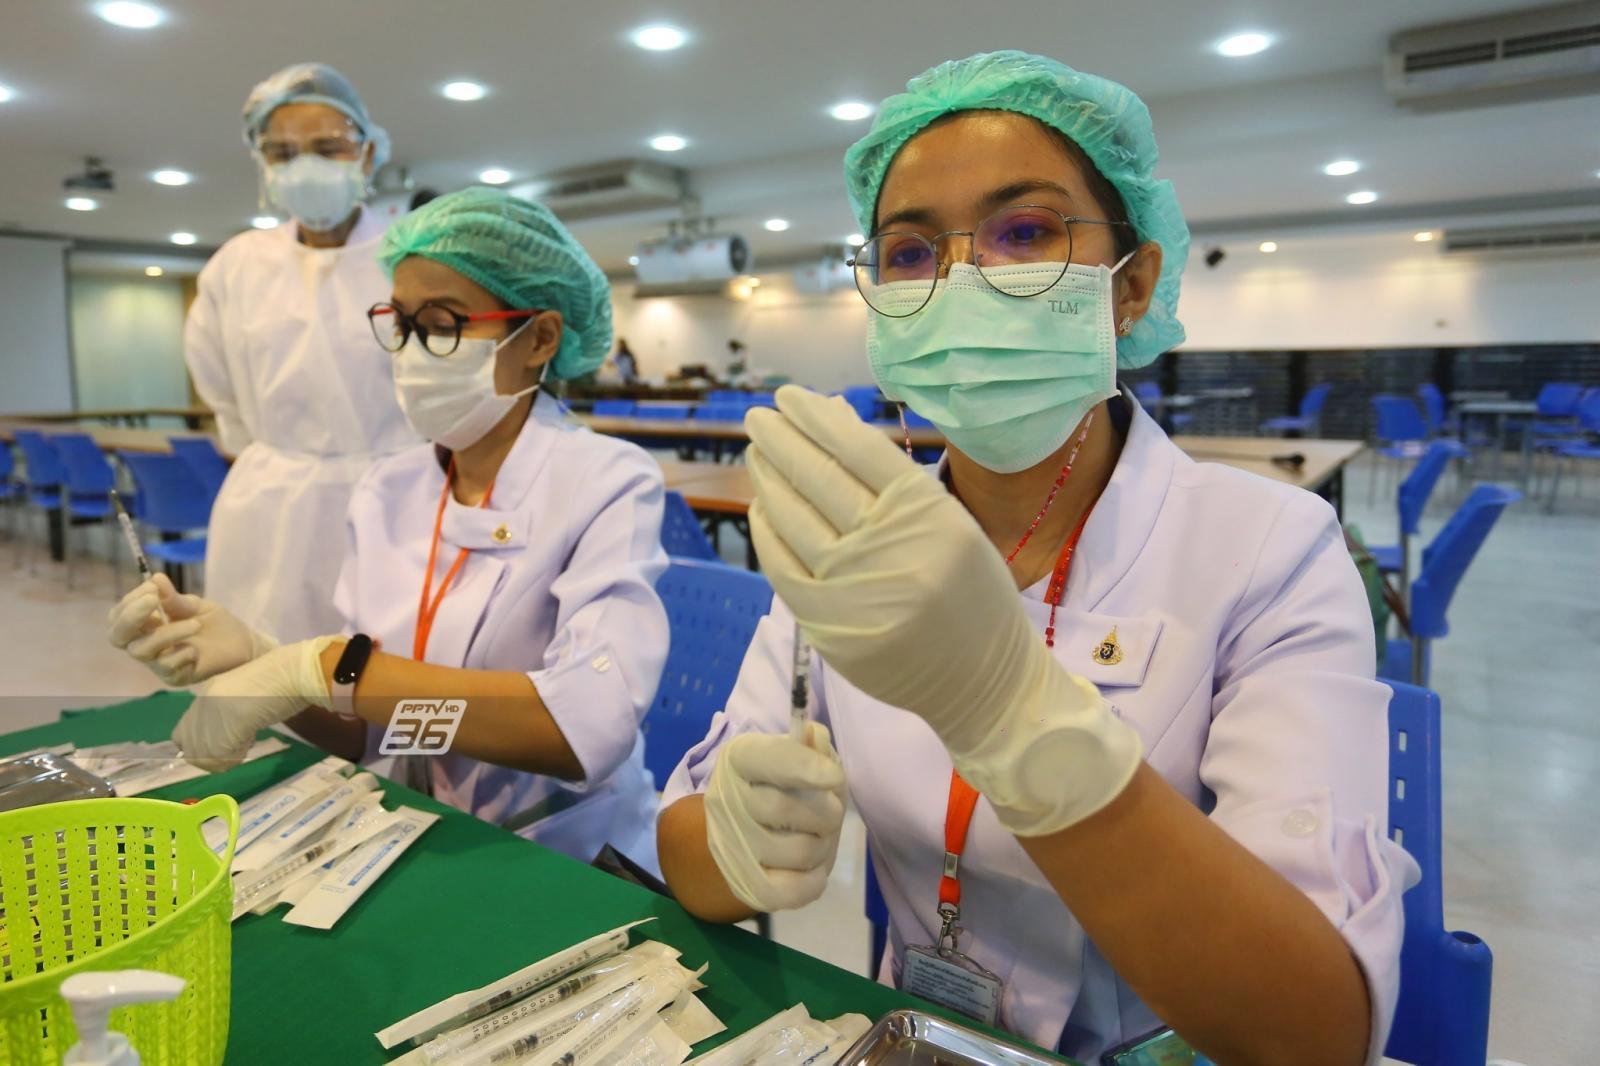 """""""หมอยง"""" แนะไทยต้องหาวัคซีนหลายยี่ห้อ จำเป็นหากเชื้อโควิดกลายพันธุ์"""